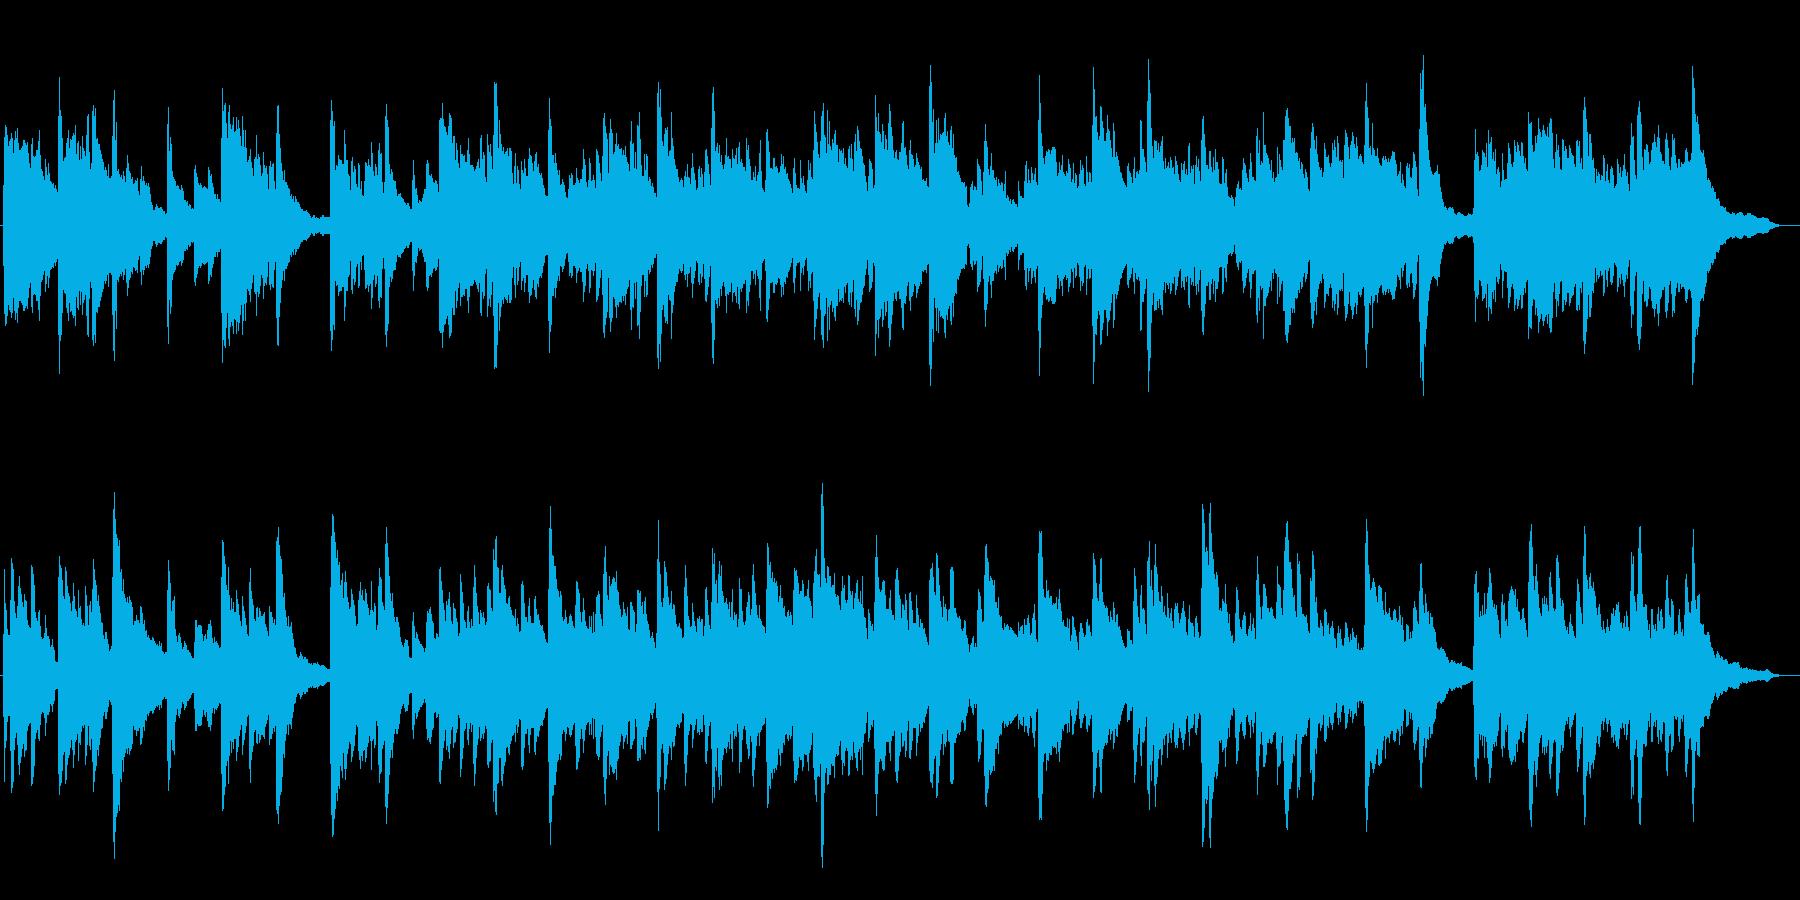 幻想的で綺麗なピアノBGM8の再生済みの波形